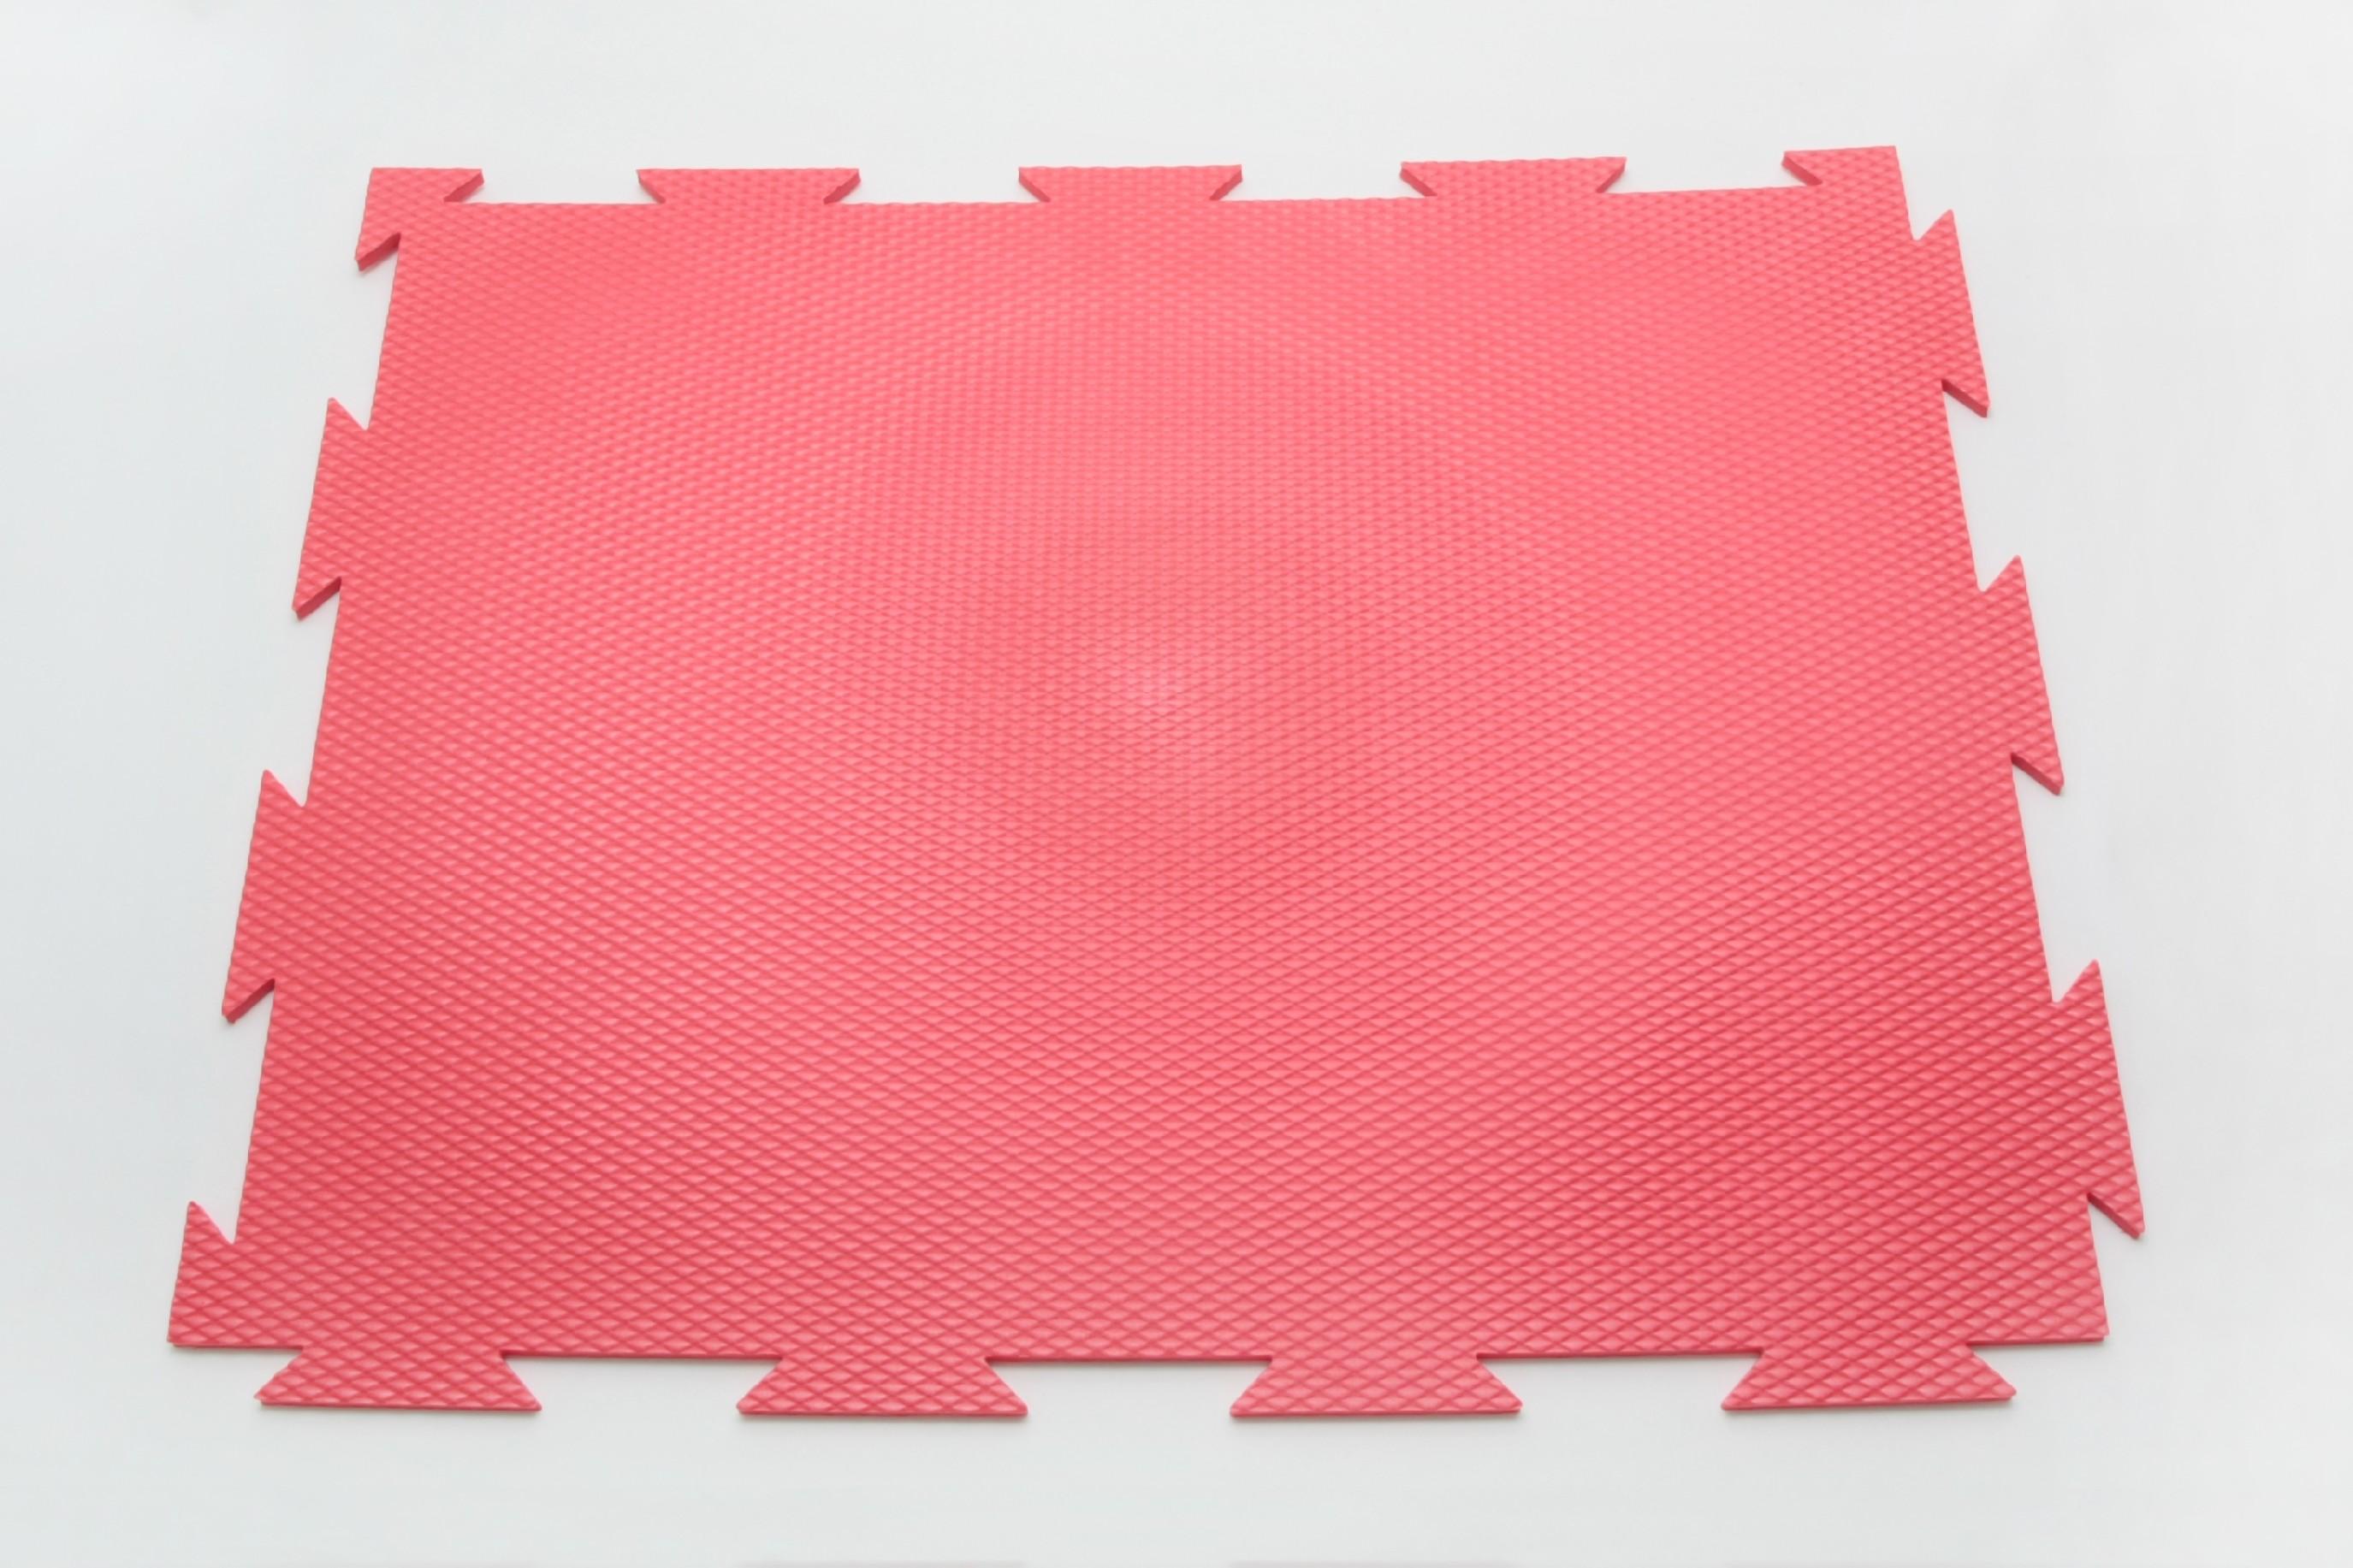 Podlaha Deckfloor samolepící Barva: Bílá